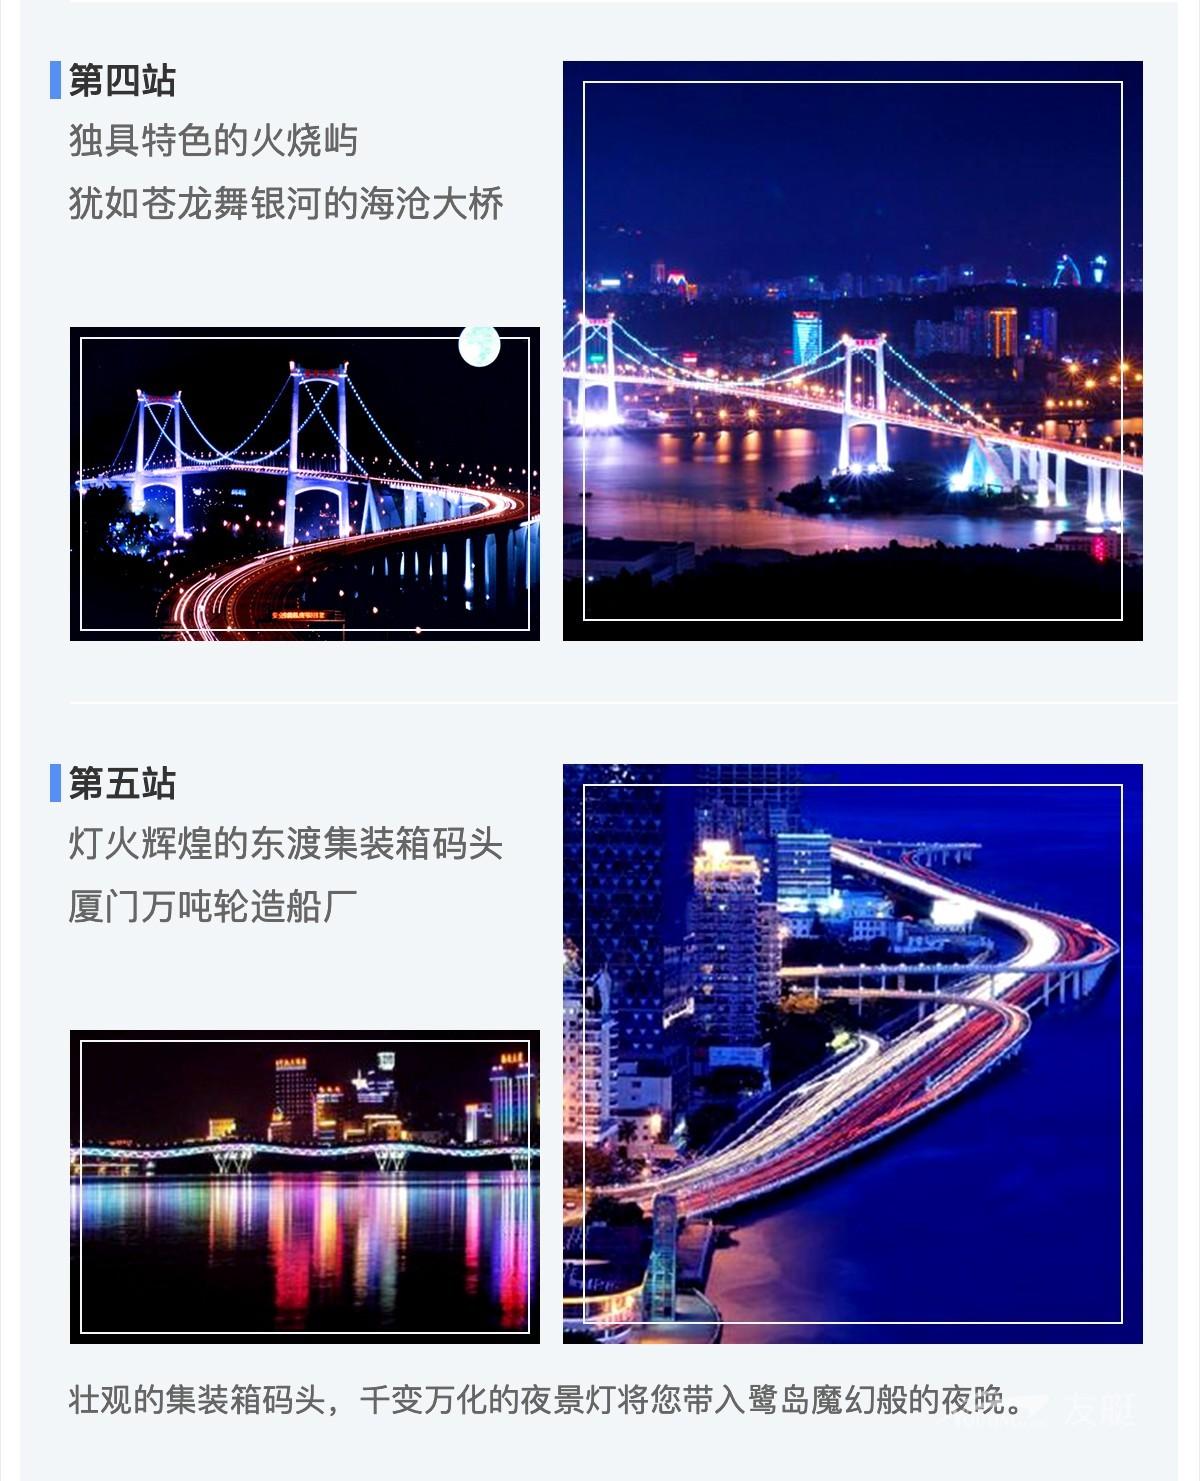 鹭江夜游¥60起(18:00前订票)